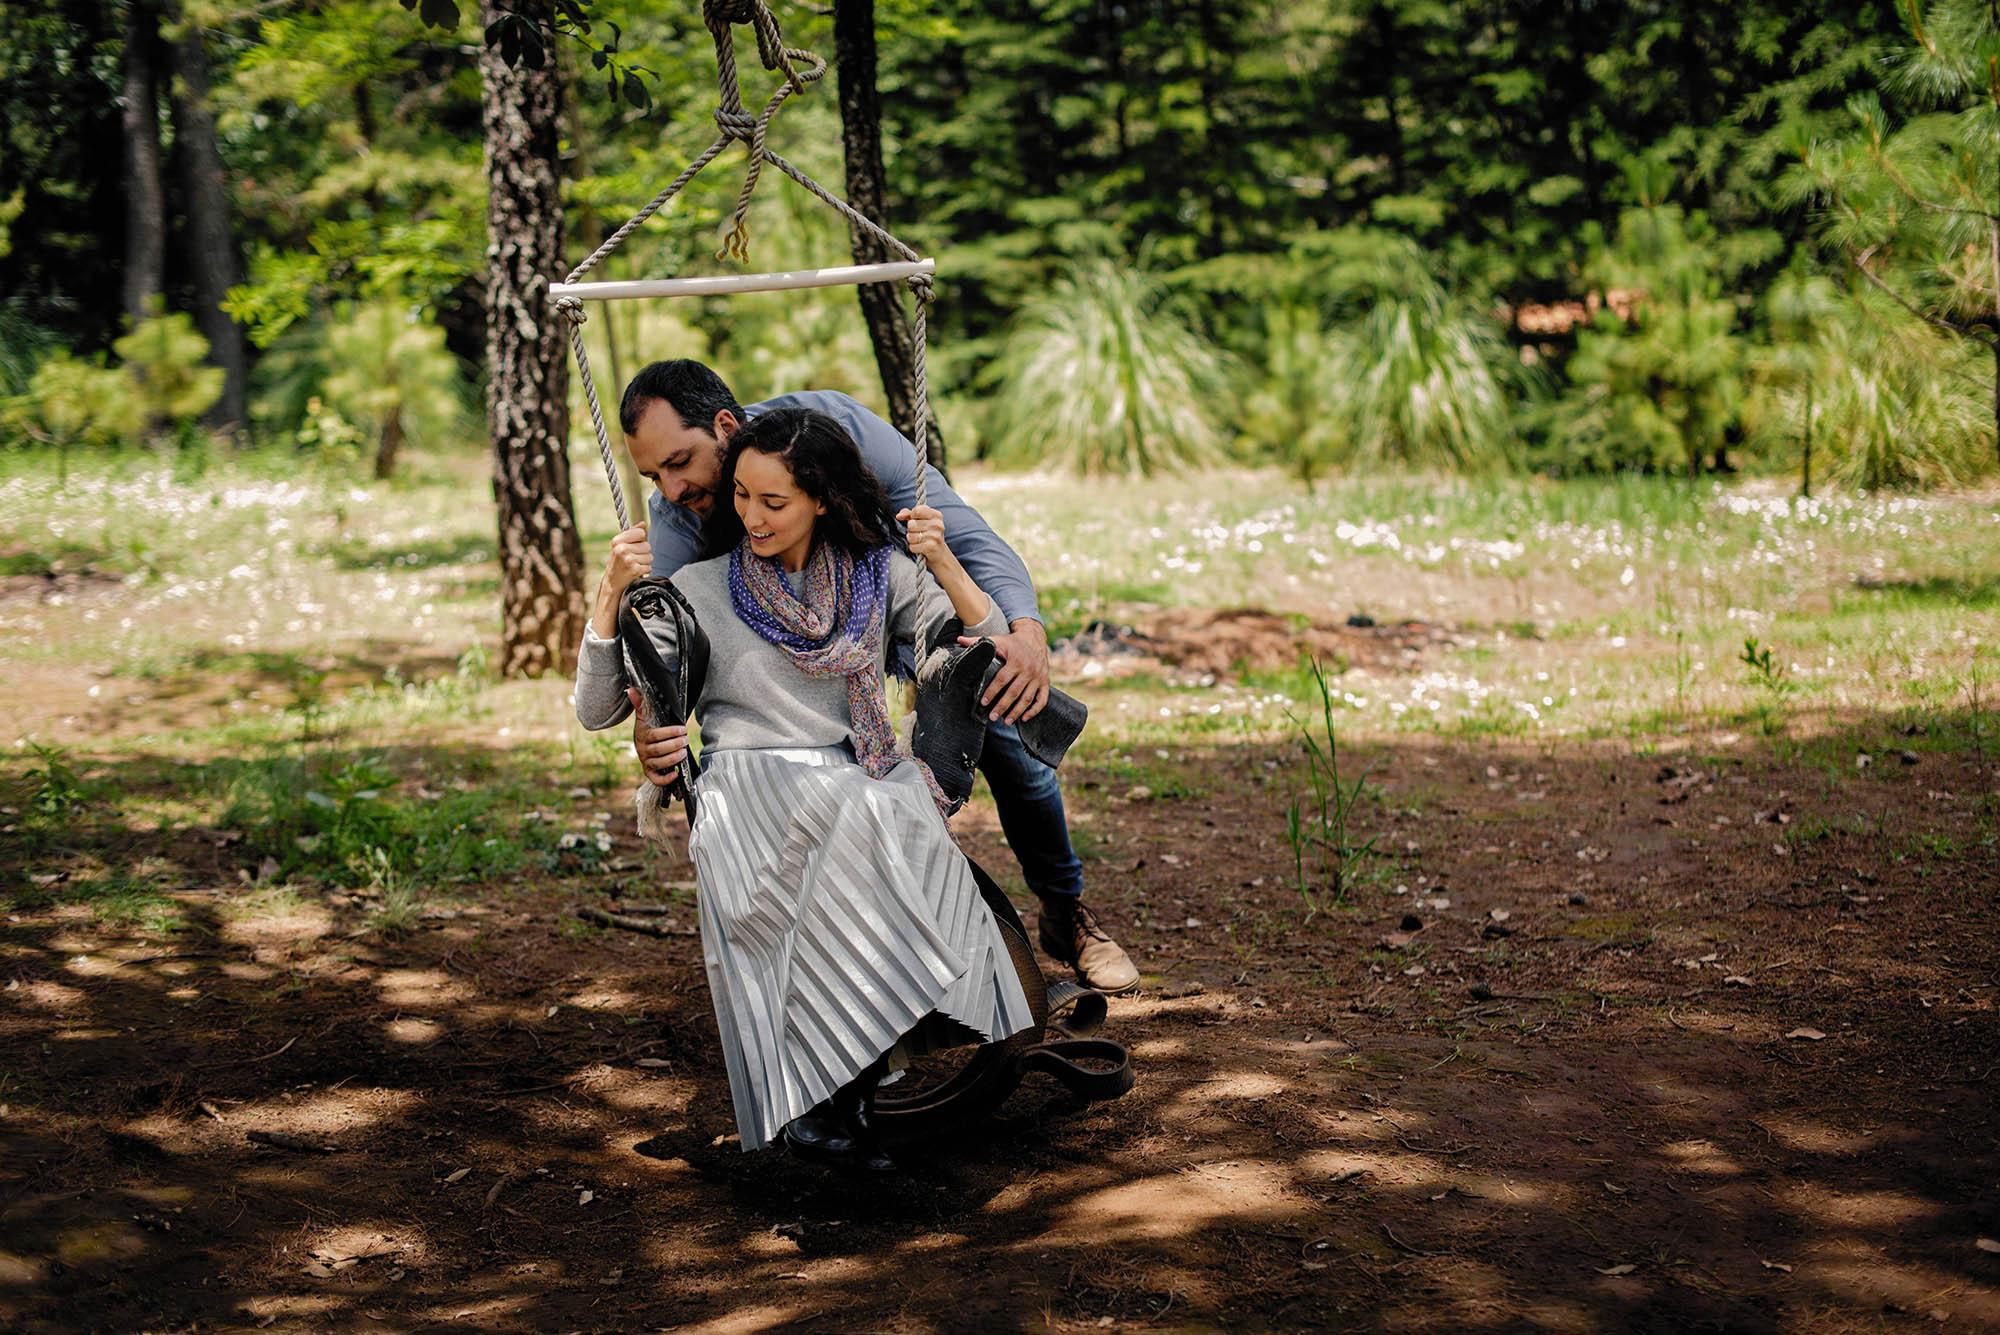 magali espinosa bosque tapalpa wedding destination photographer 41-WEB.jpg